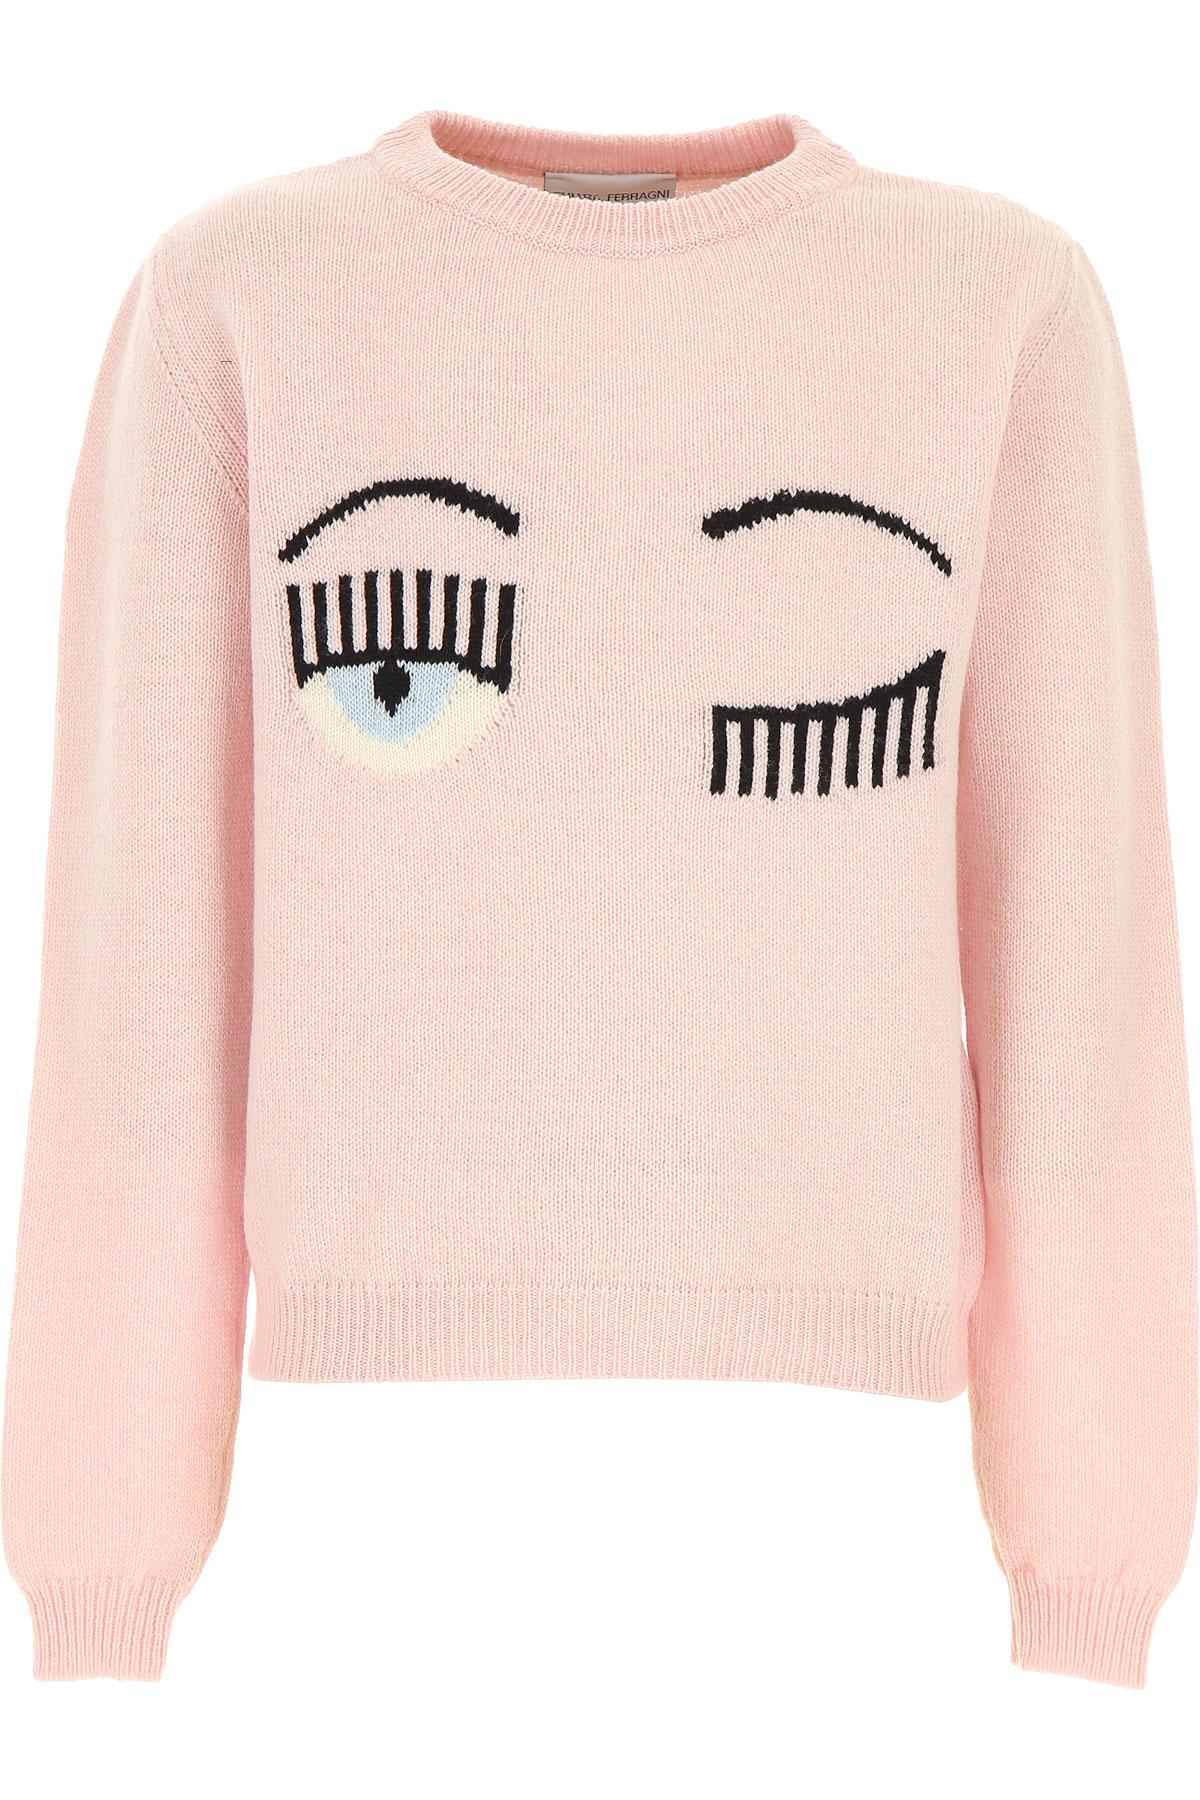 Chiara Ferragni Kids Sweaters for Girls On Sale, Pink, Wool, 2019, 10Y 10Y 12Y 12Y 14Y 14Y 4Y 6Y 6Y 8Y 8Y